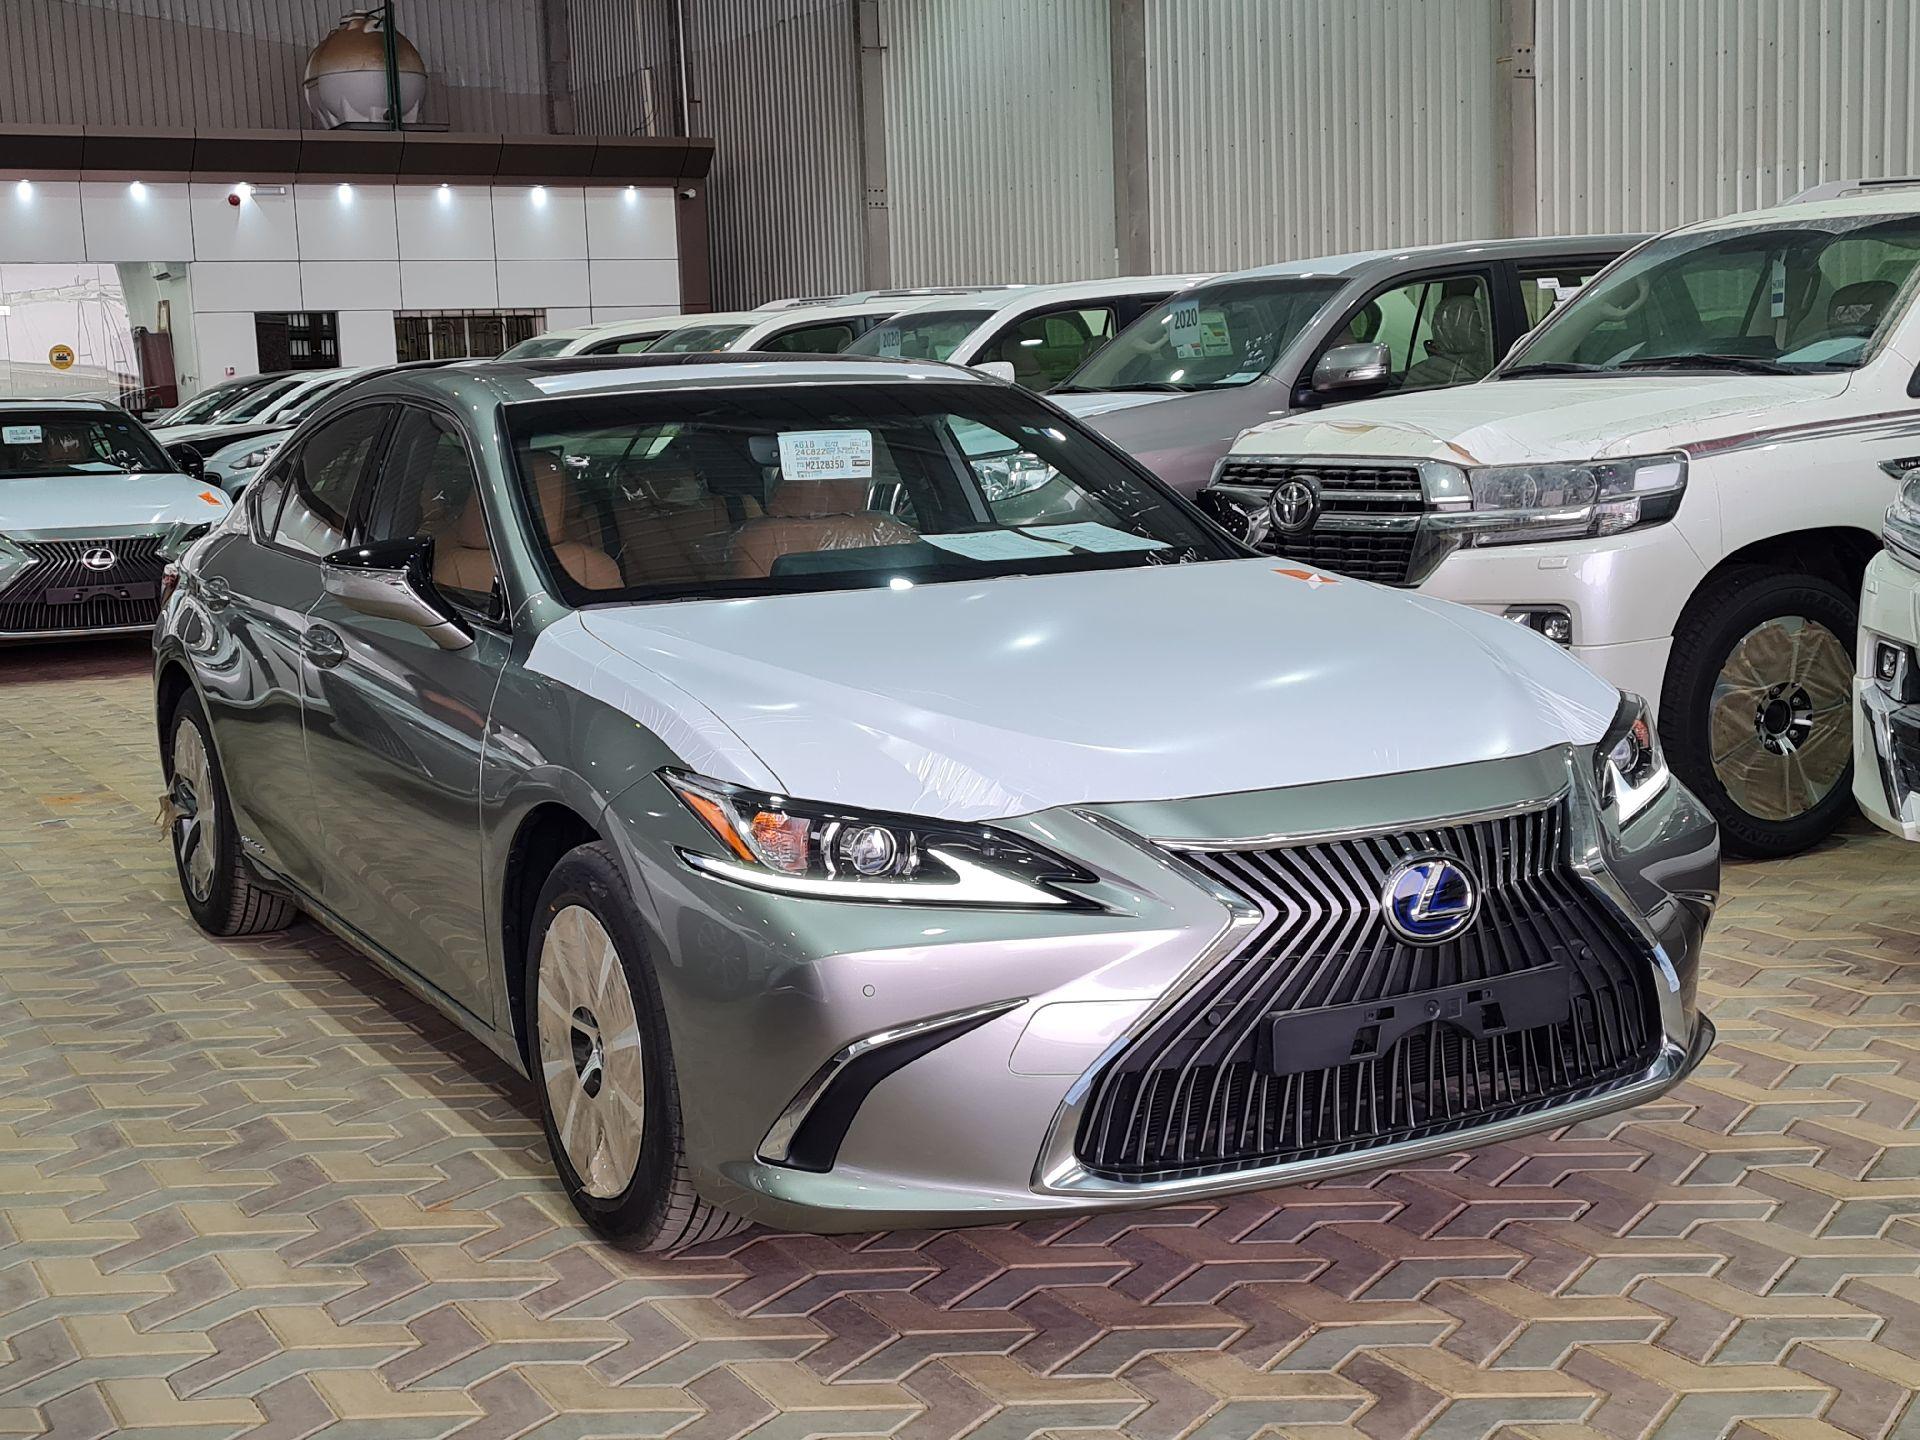 لكزس ES 300H  ستاندر 2021 سعودي جديد للبيع في الرياض - السعودية - صورة كبيرة - 4